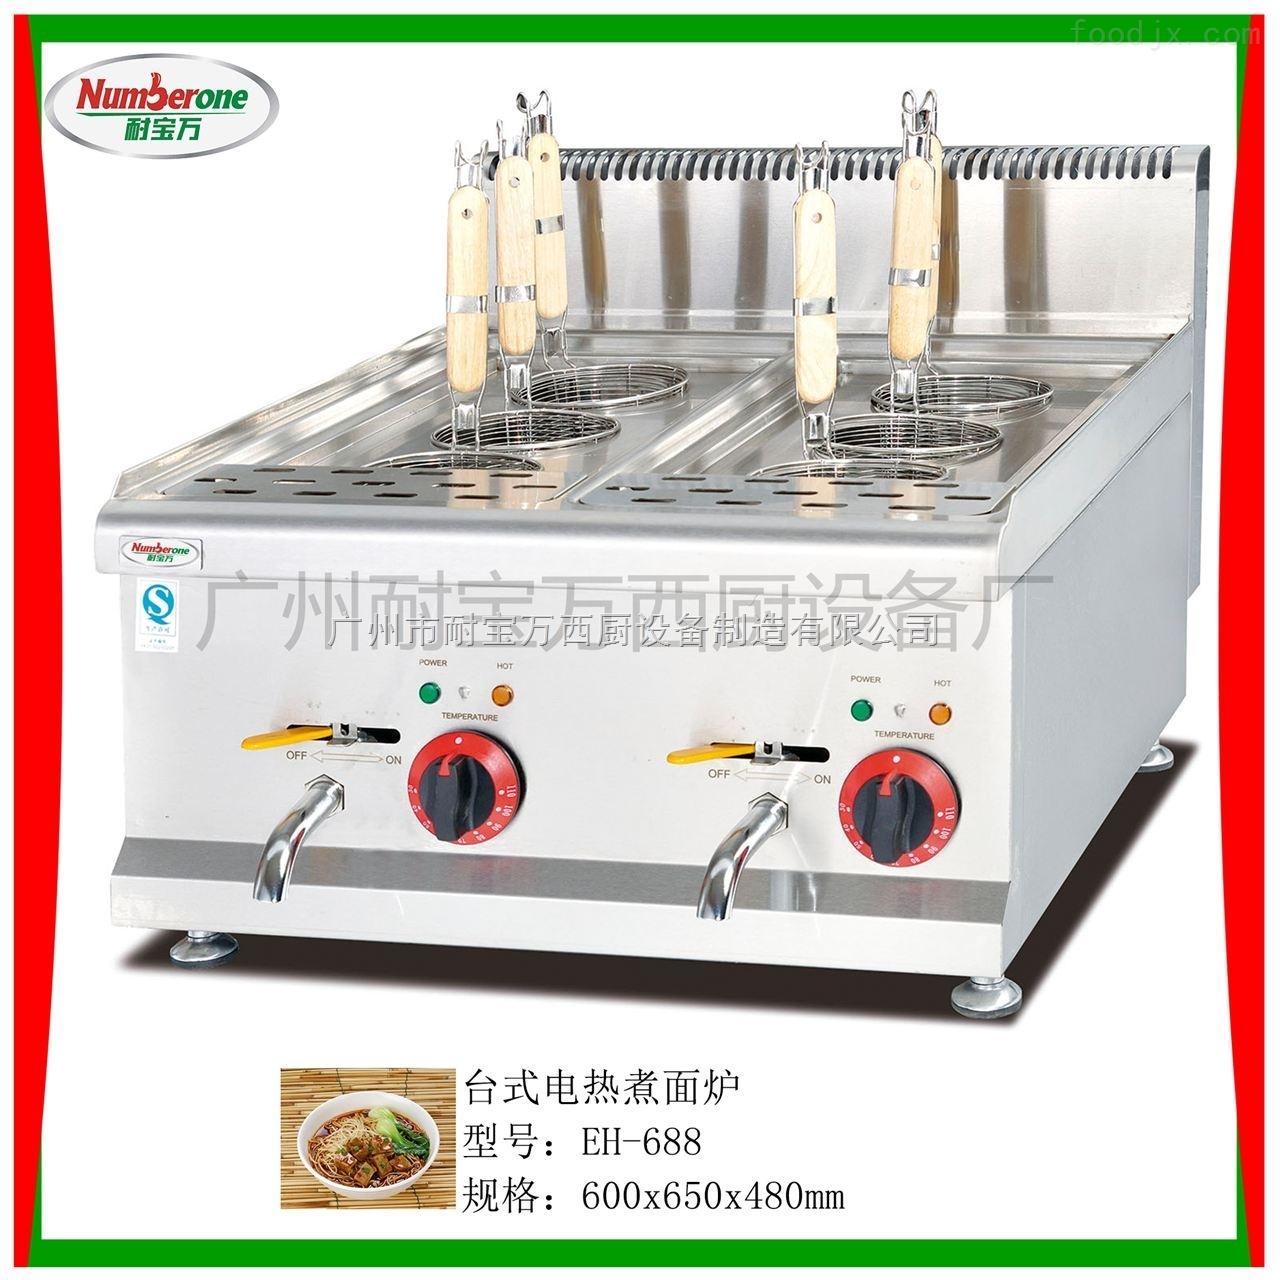 台式电热煮面机/煮面炉/麻辣烫